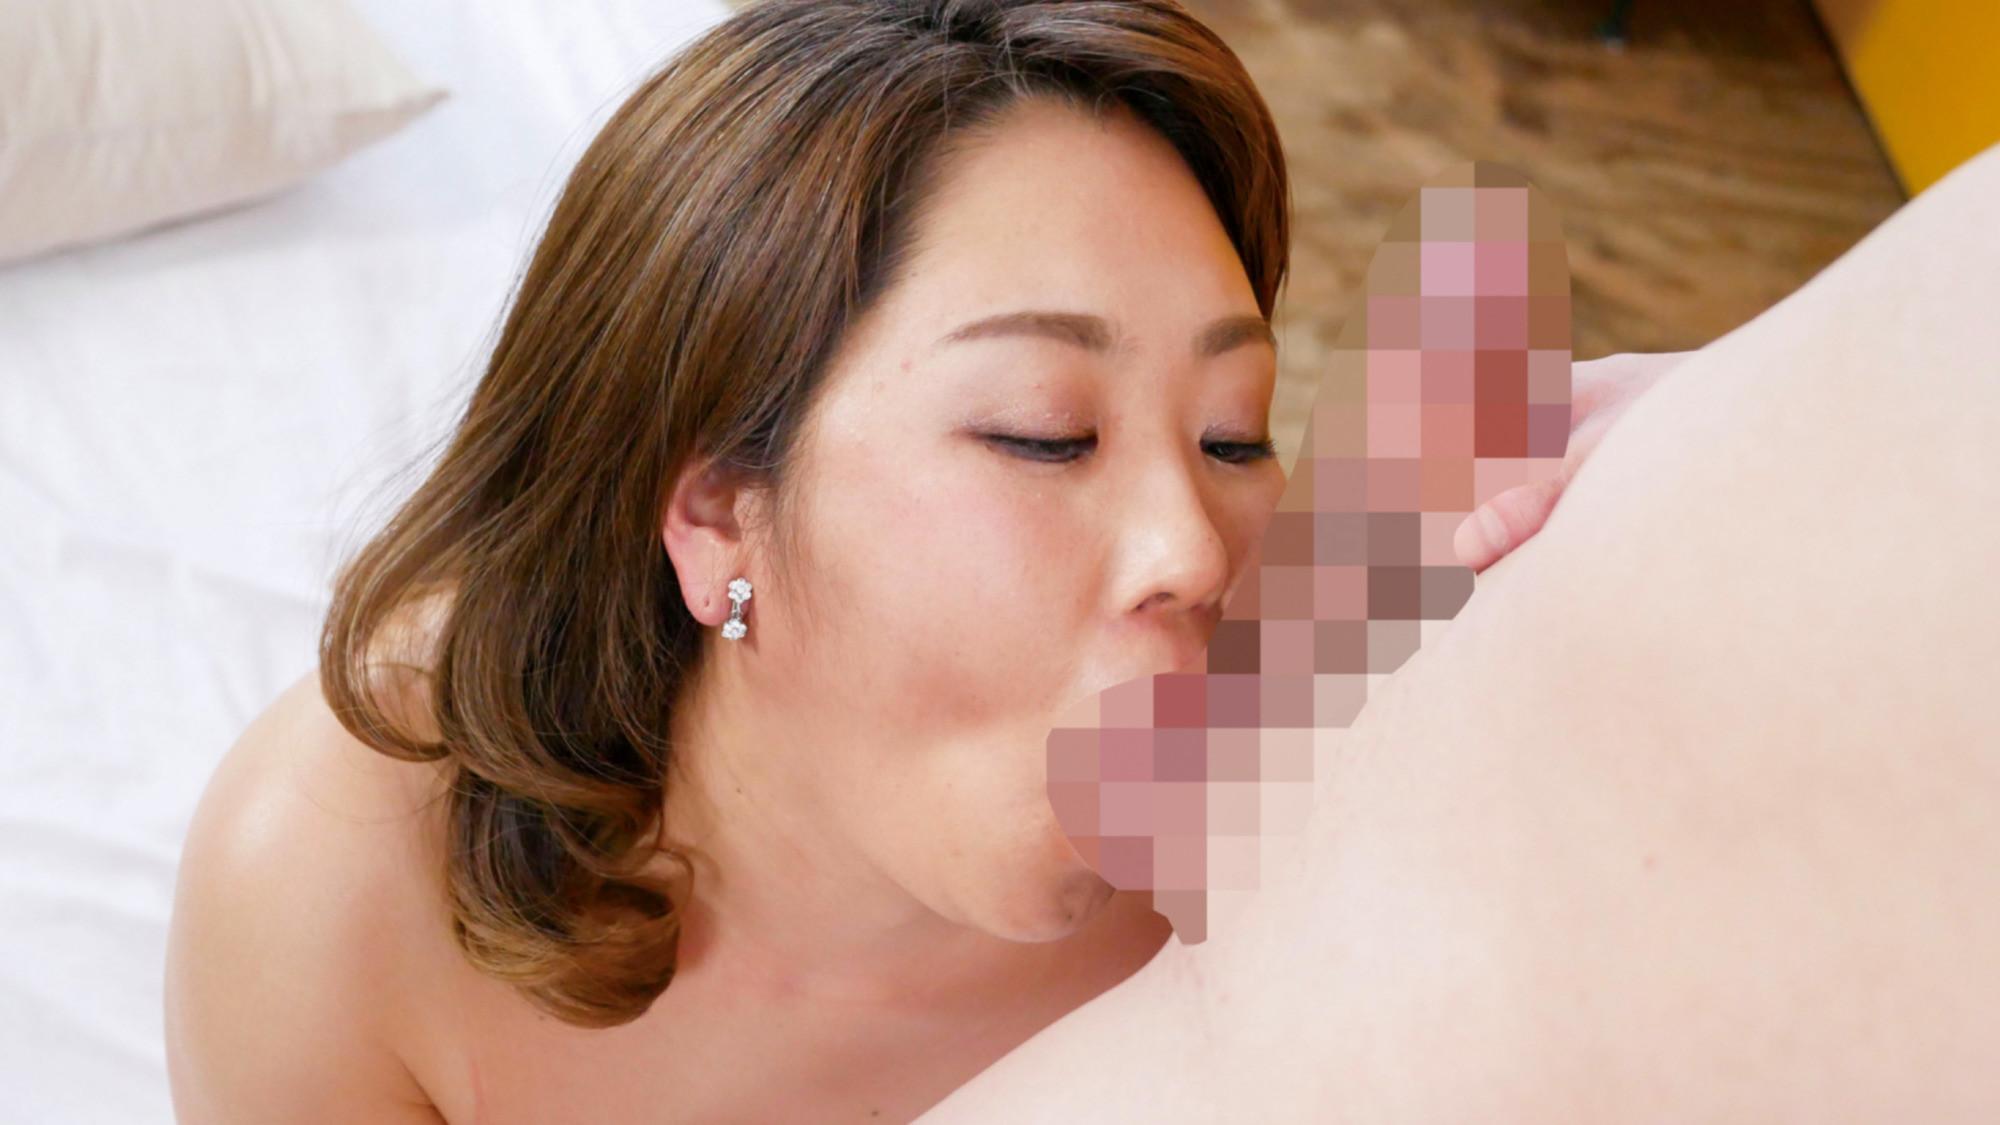 ひさしぶりの貫通に体の奥から震えだす・・・ご無沙汰巨乳四十路妻とゆったり種付けセックス!